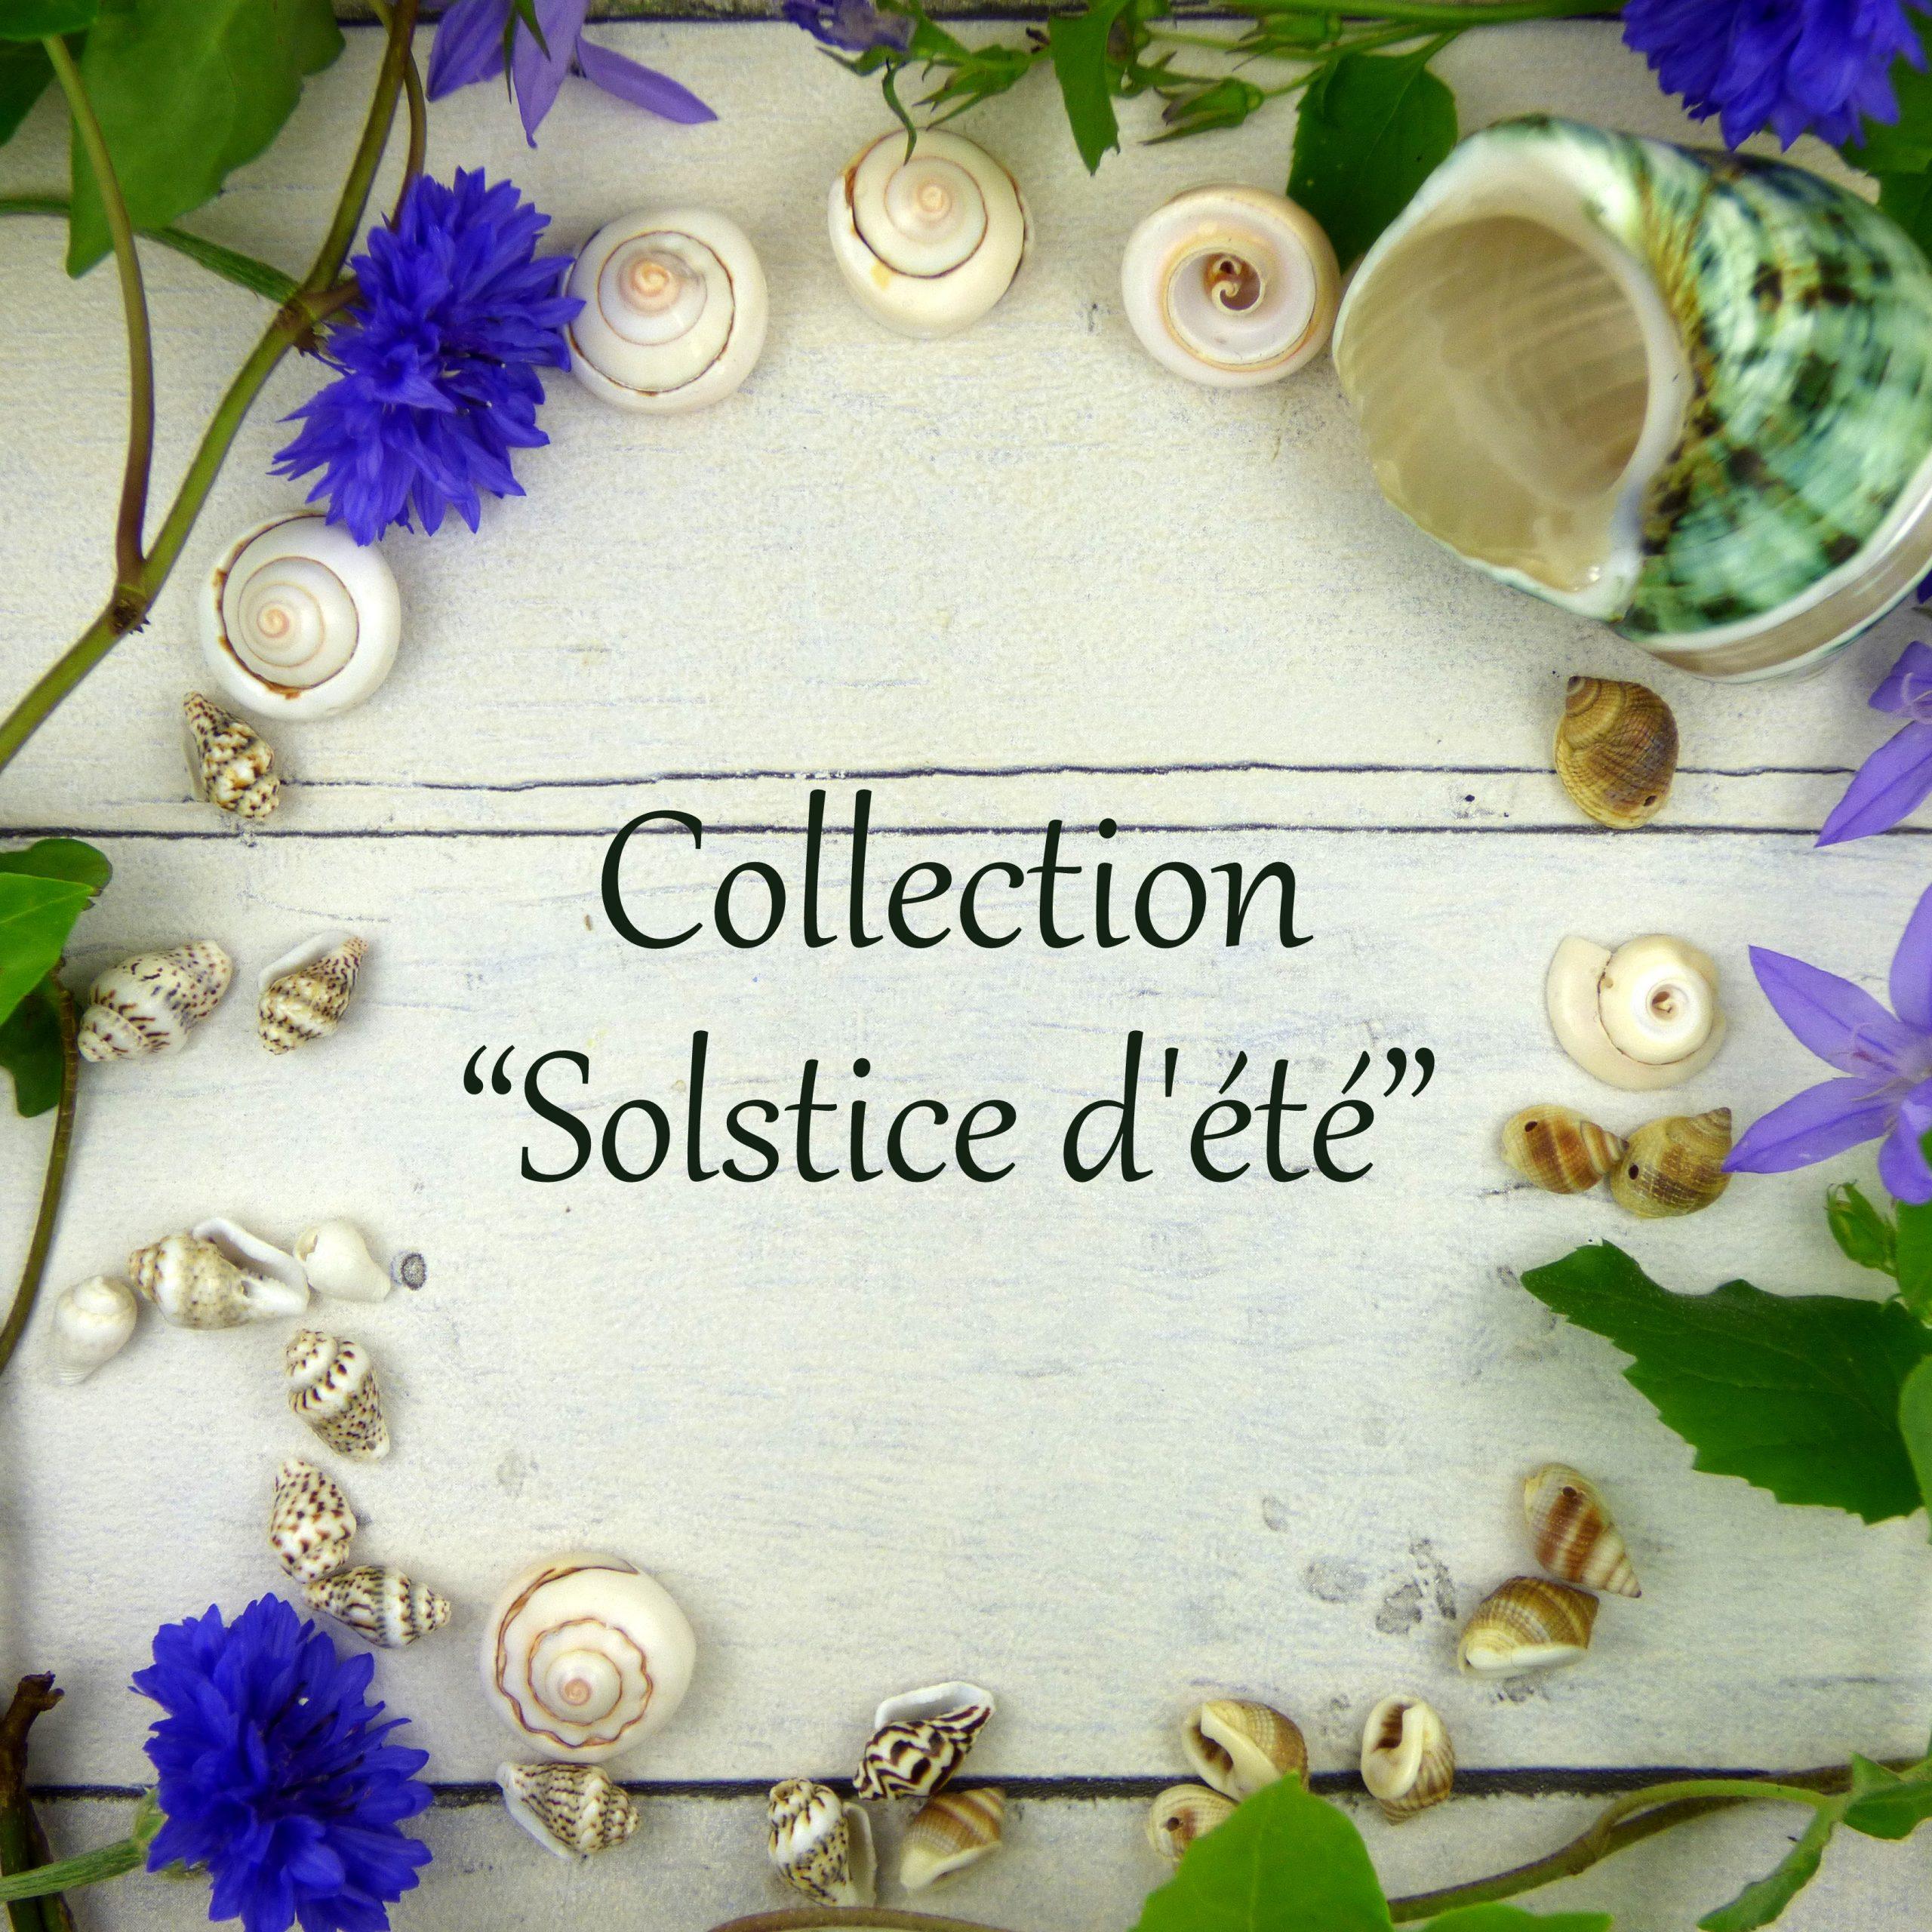 collection de bijoux été coquillage